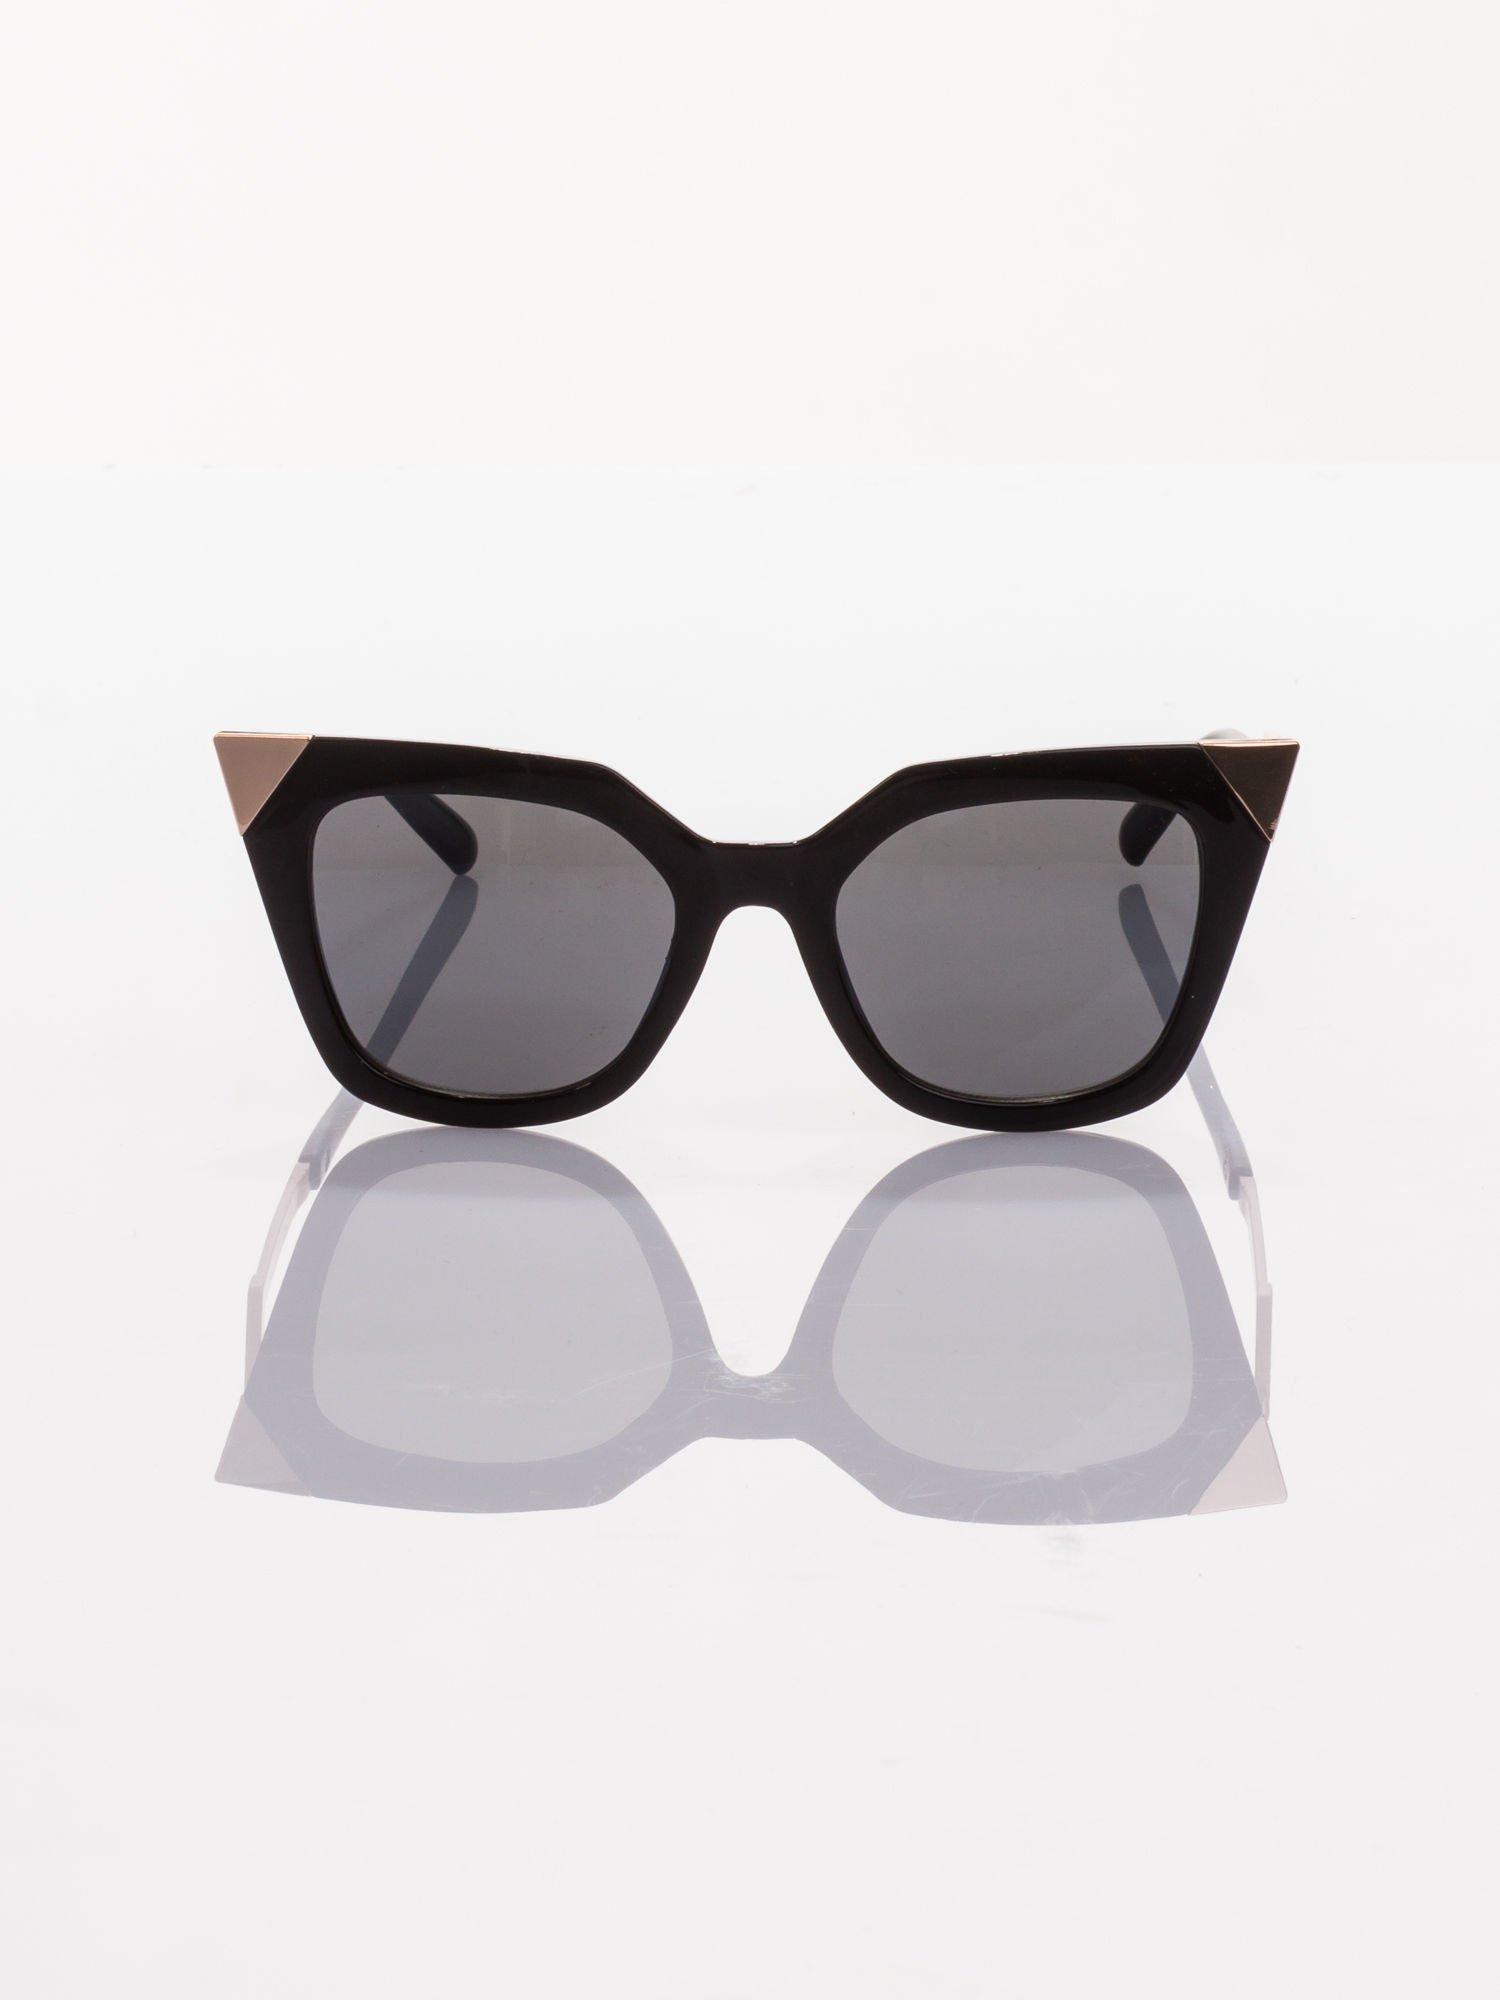 Czarne okulary FASHION przeciwsłoneczne KOCIE OCZY stylizowane na FENDI                                  zdj.                                  2